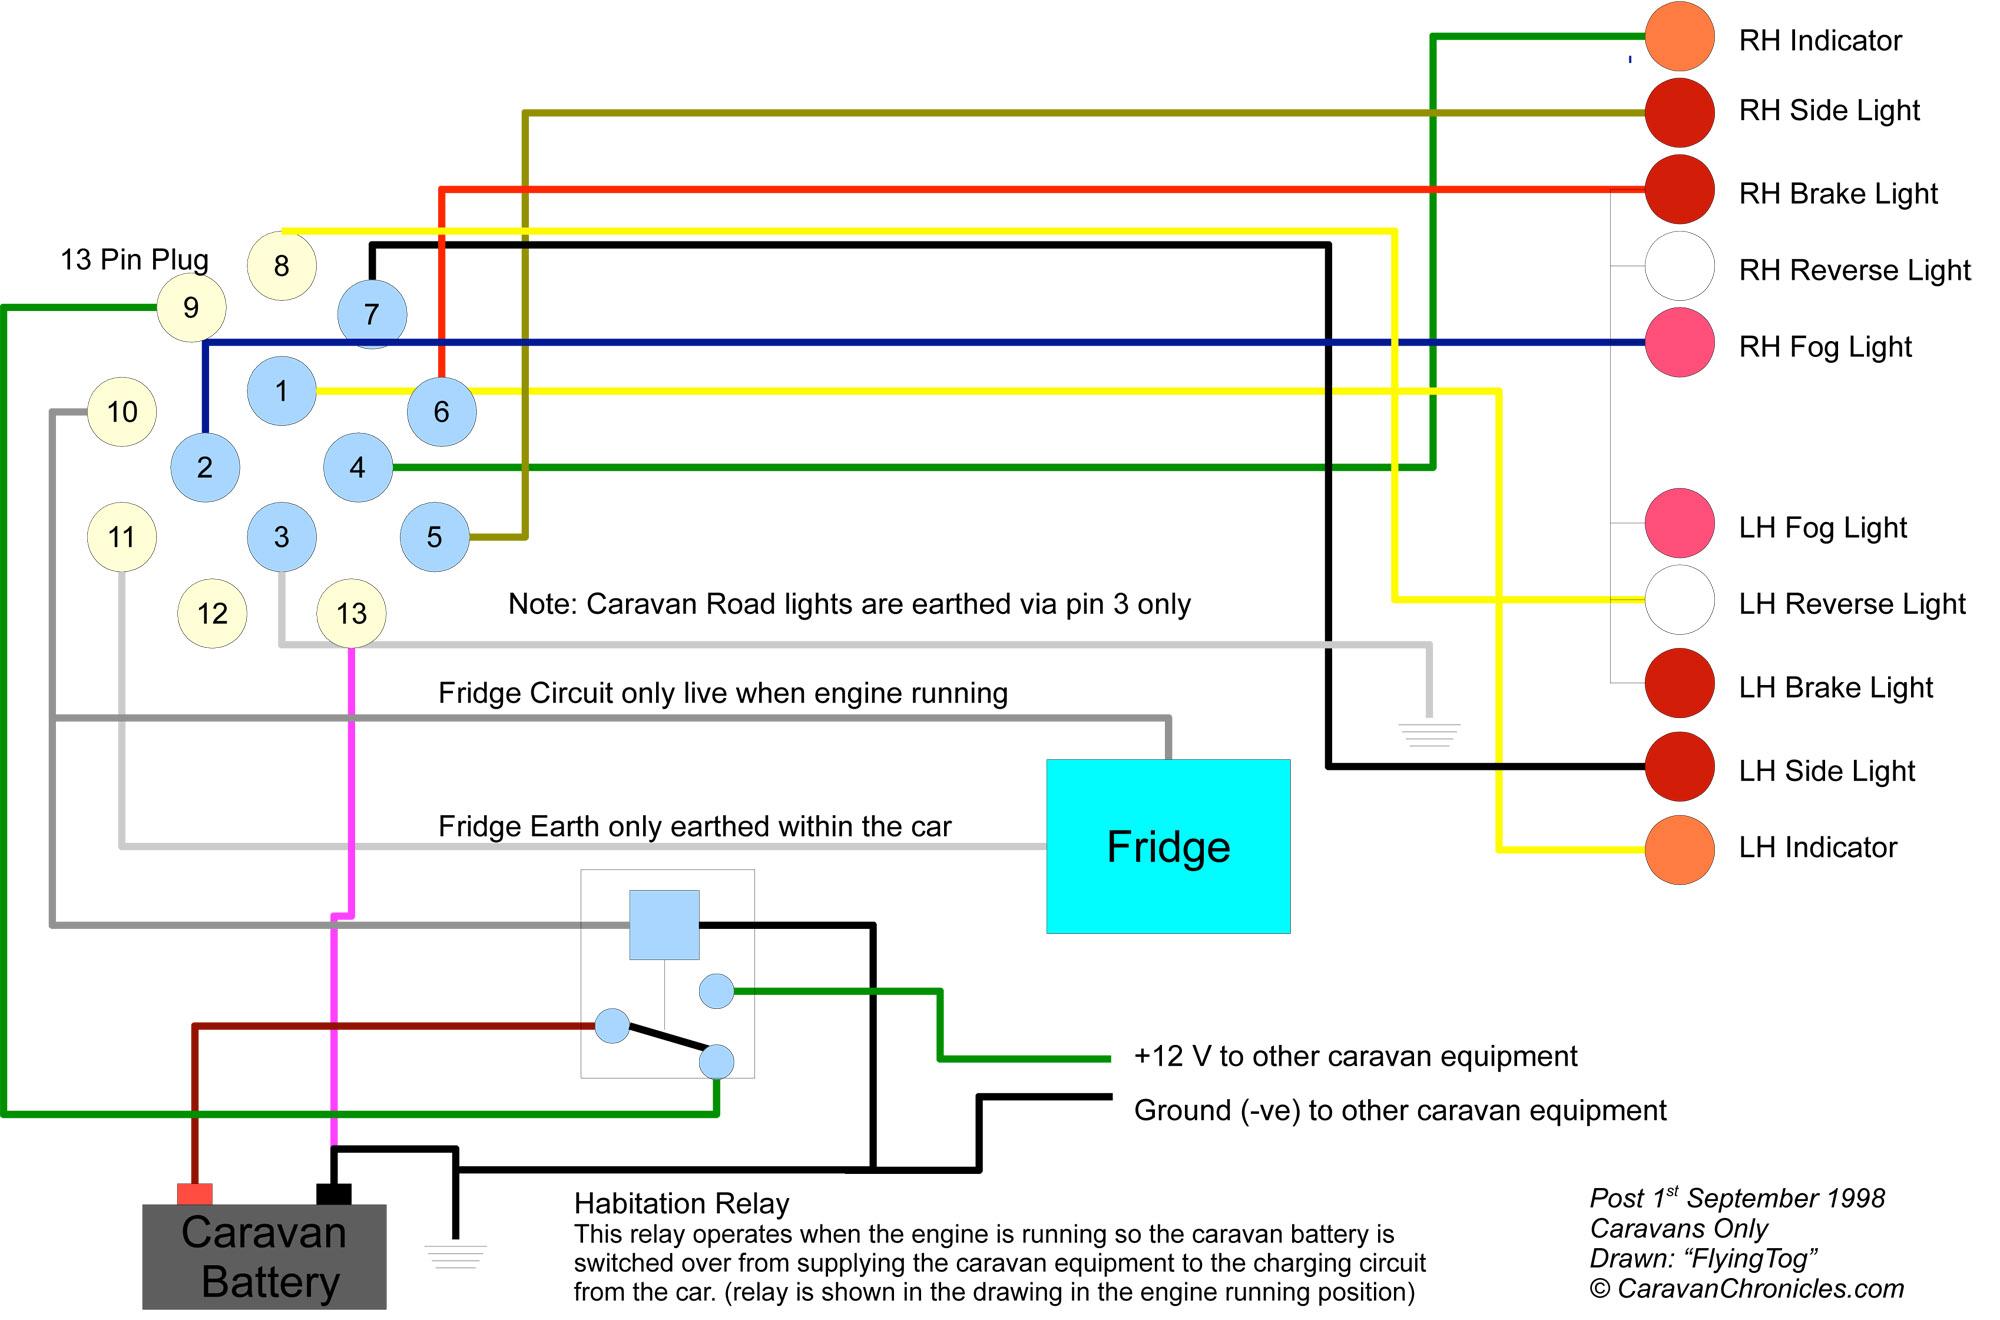 hymer caravan wiring diagram wiring libraryWiring Diagram As Well 13 Pin Trailer Plug Wiring Diagram Likewise #21